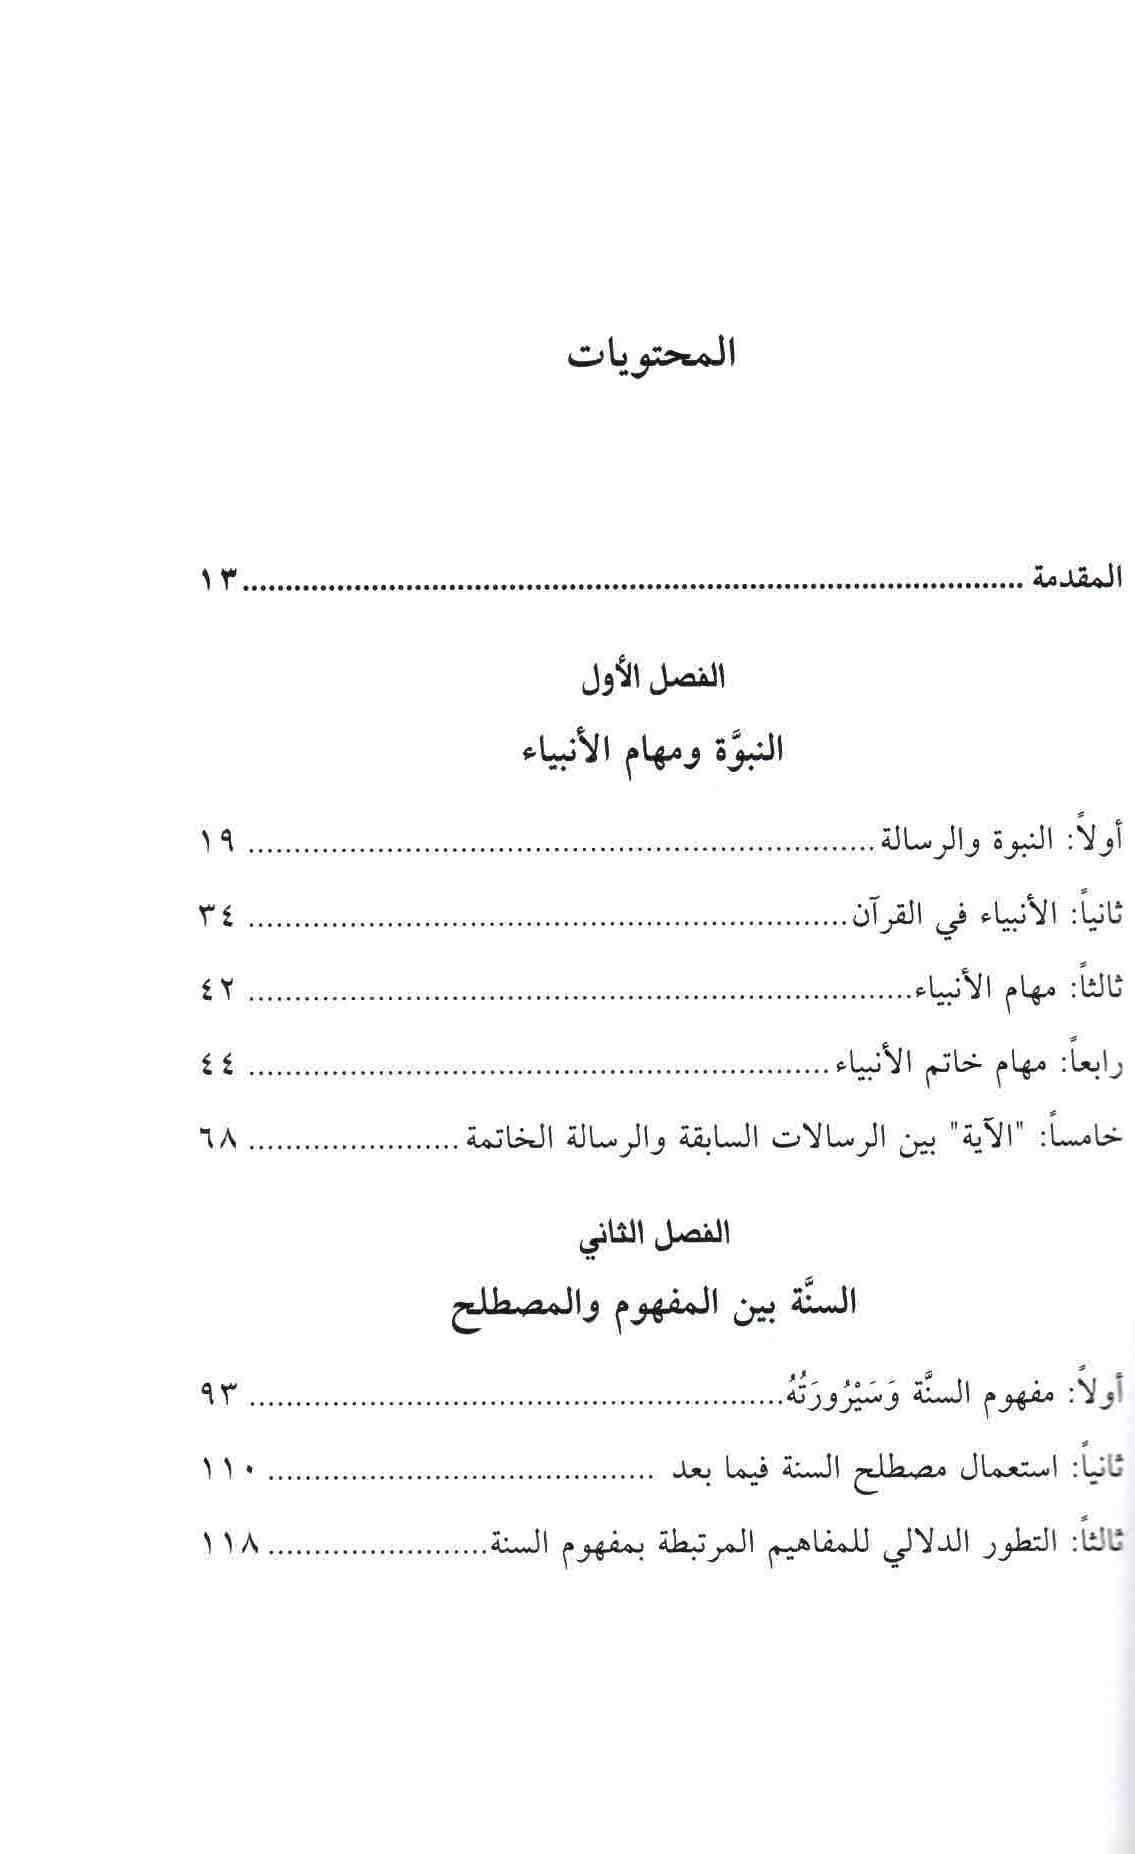 محتويات كتاب إشكالية التعامل مع السنة النبوية